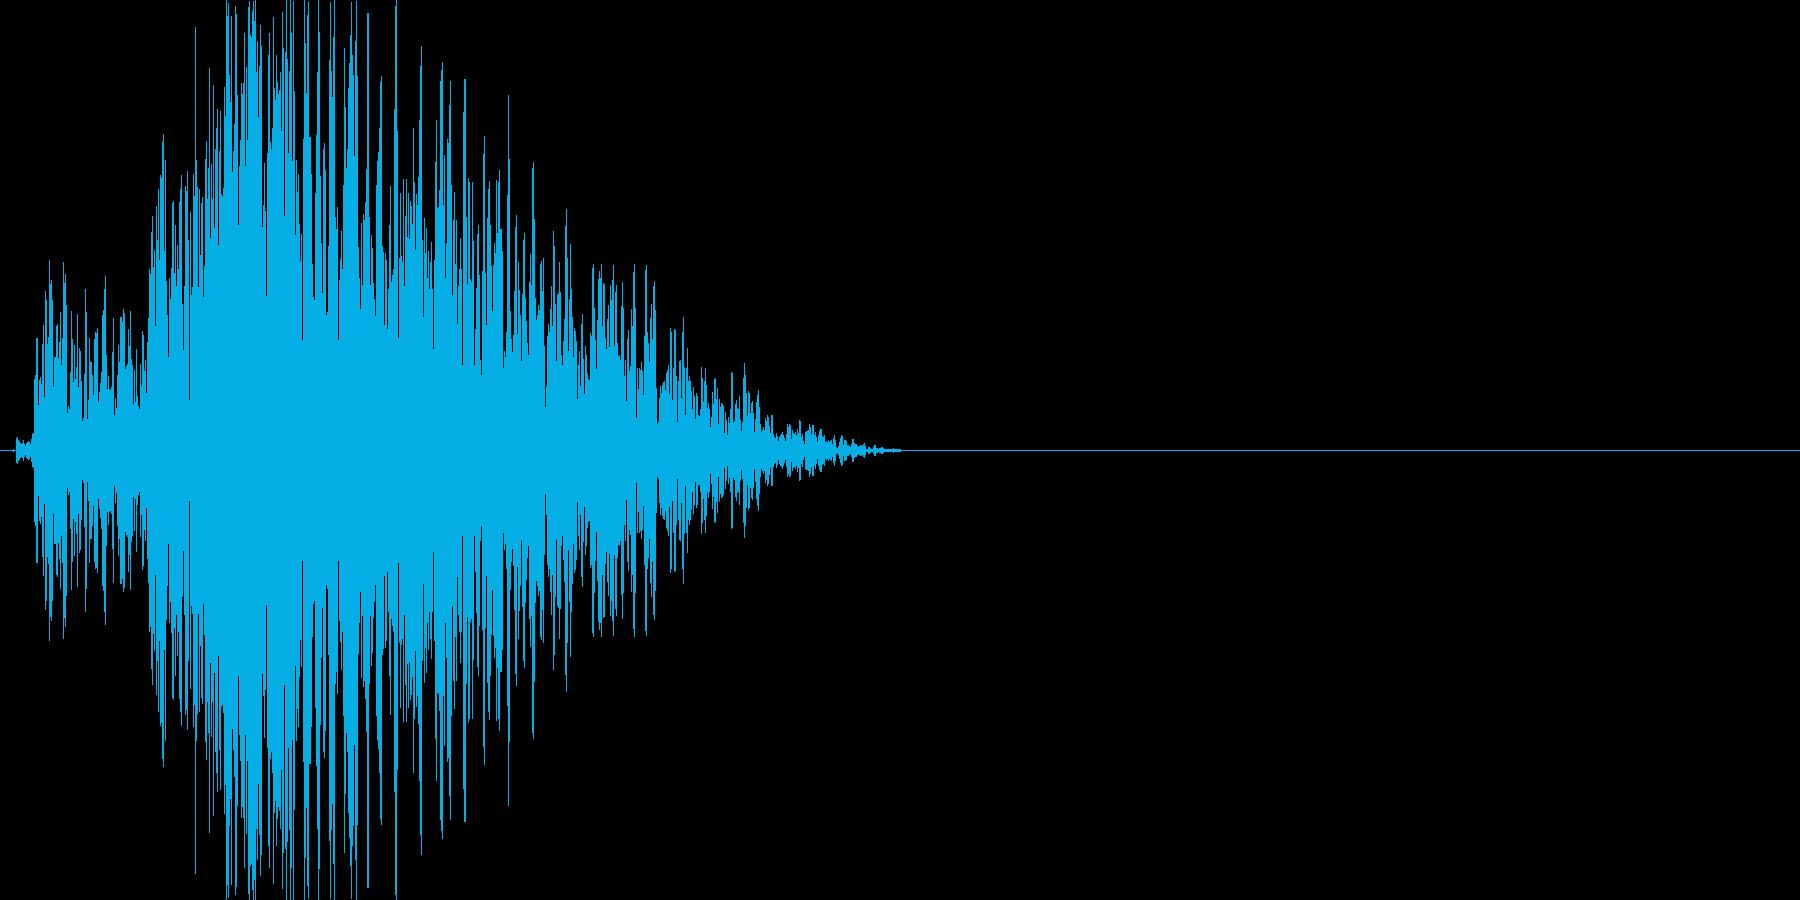 ぐおーん(低め)の再生済みの波形